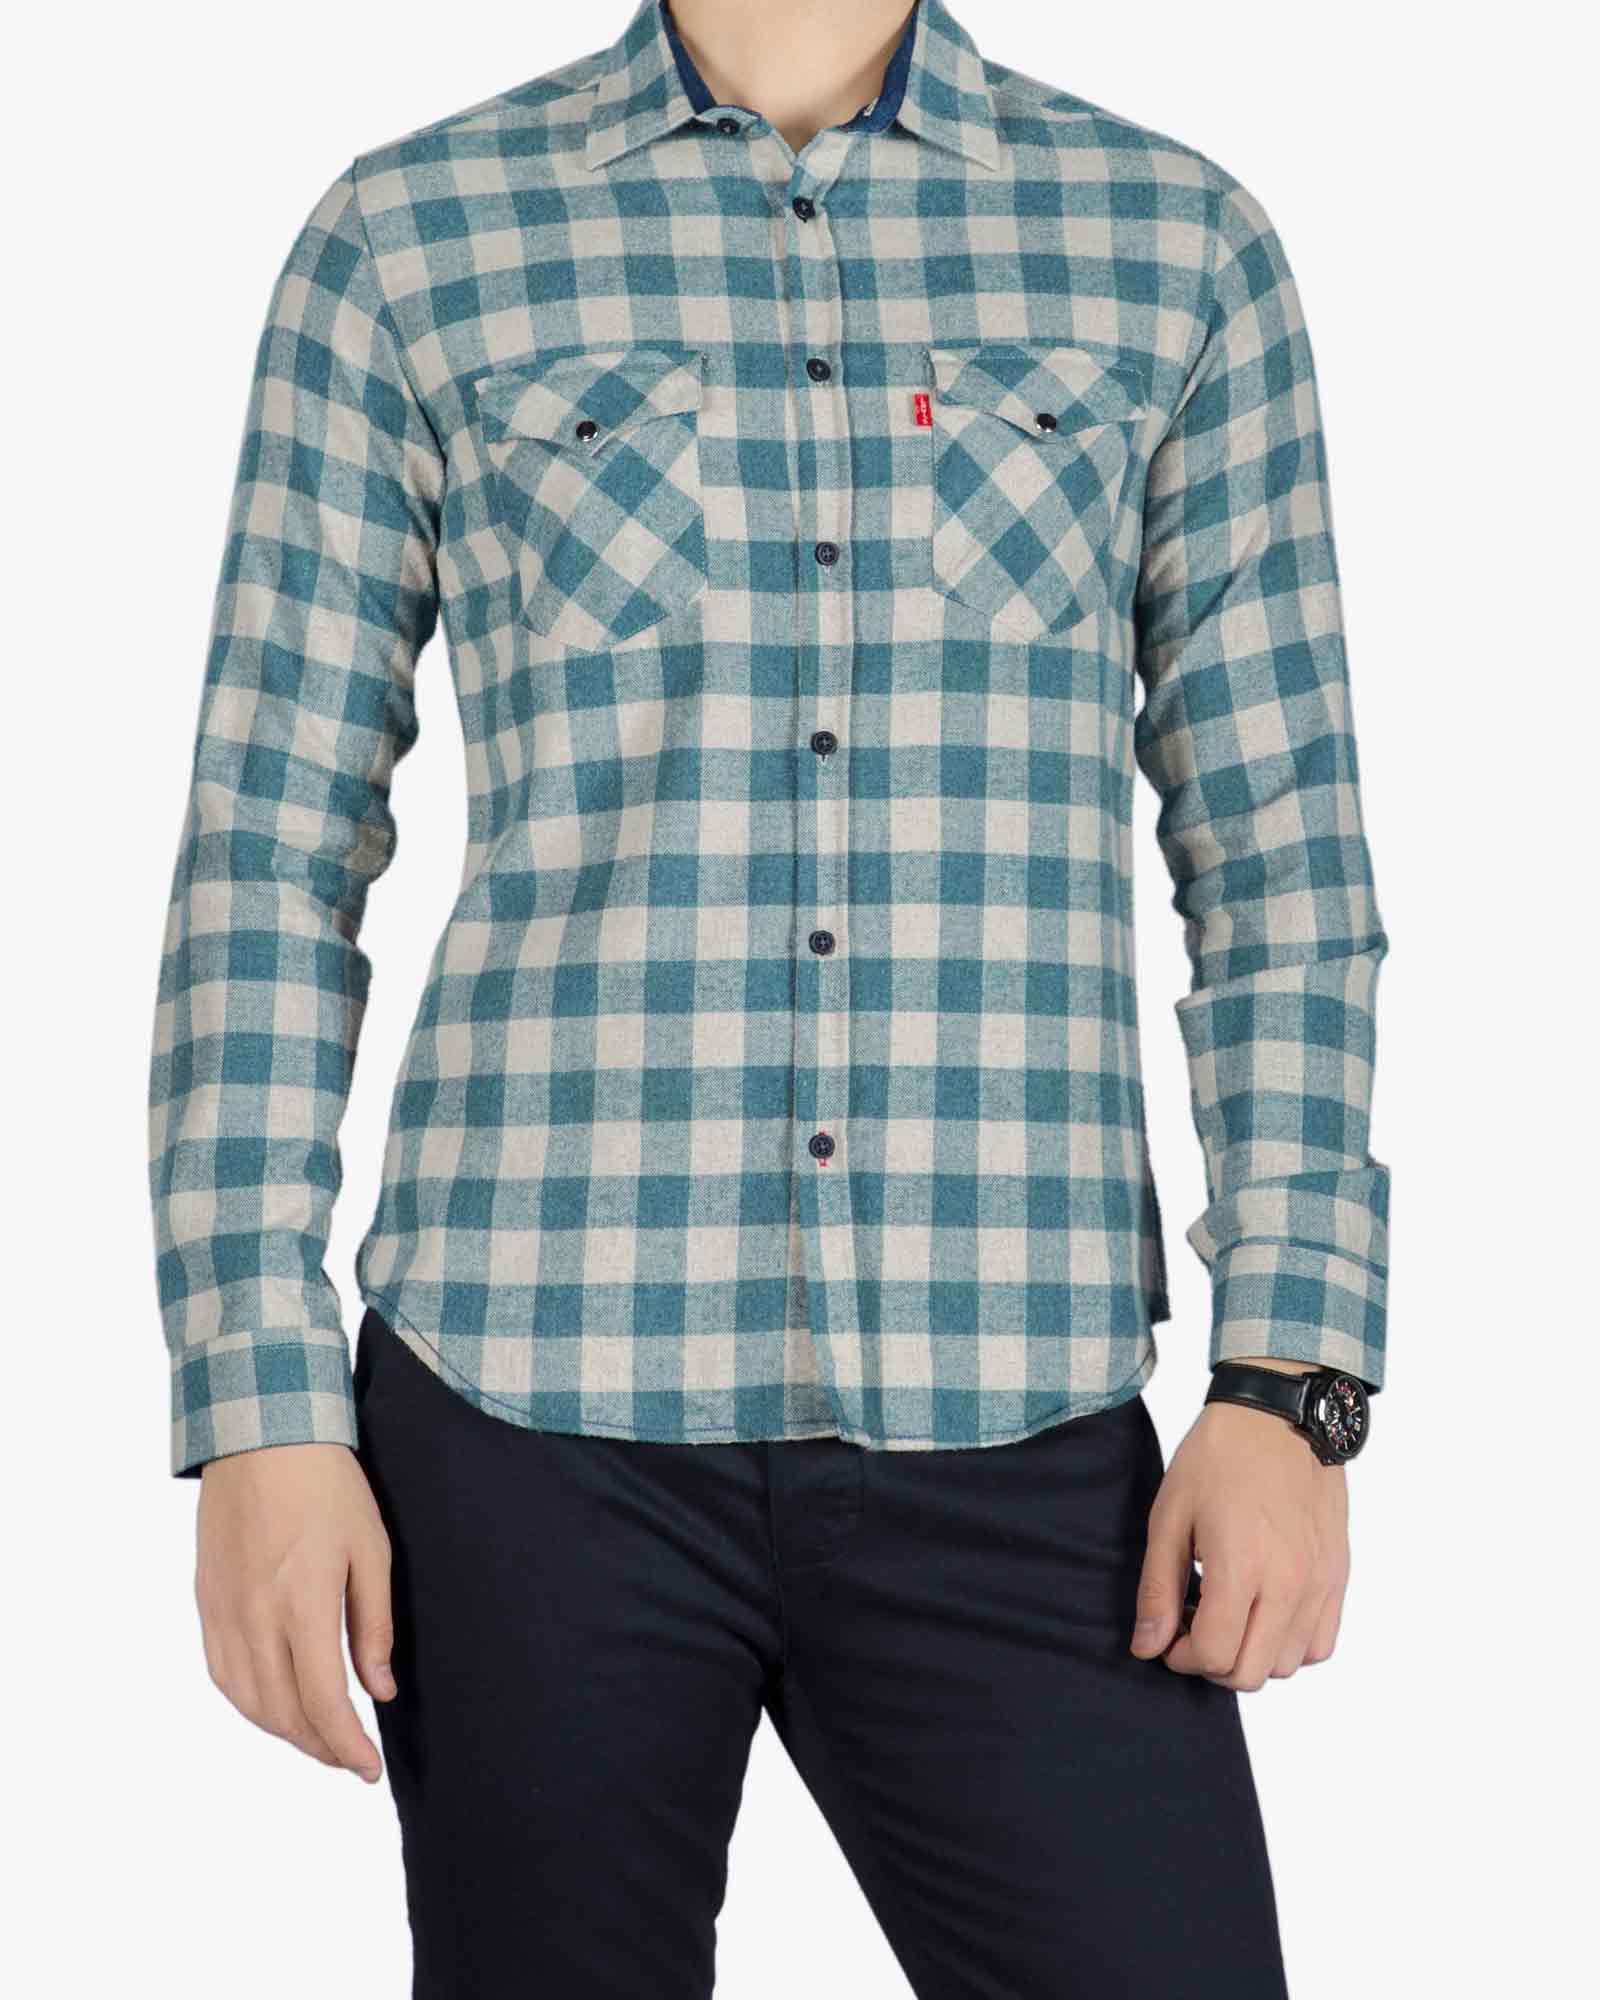 پیراهن پشمی مردانه چهارخانه سفید سبزآبی |